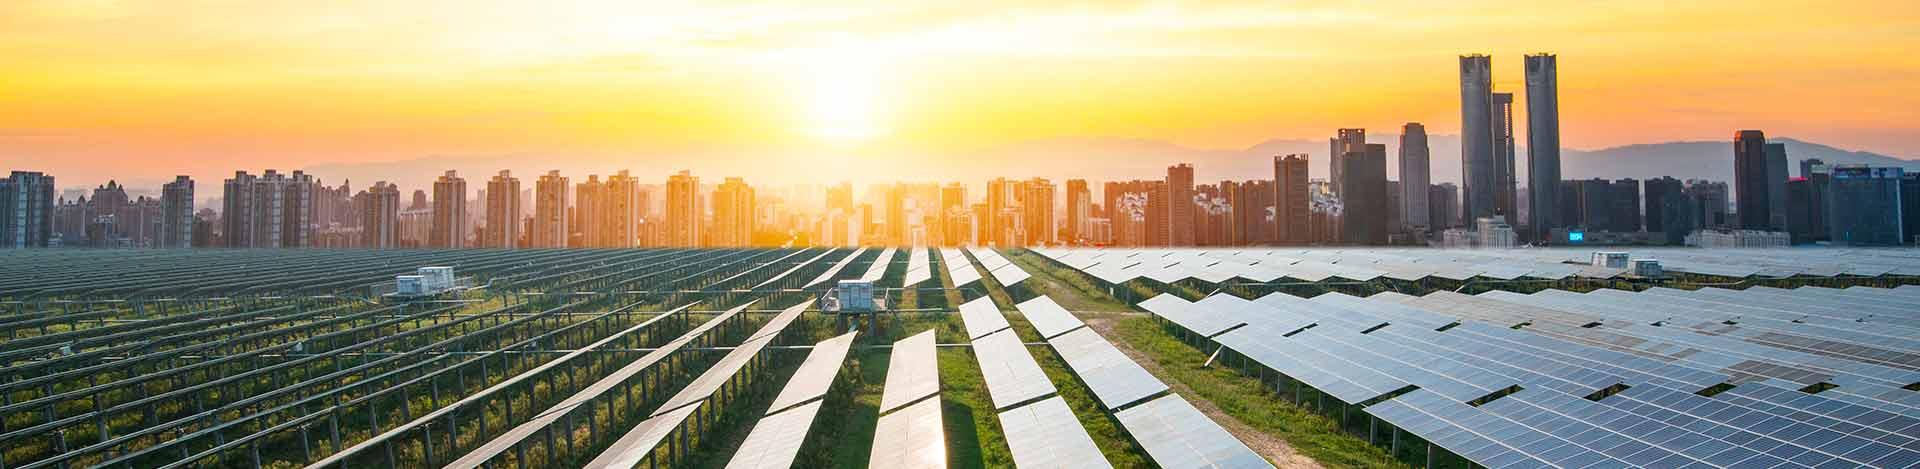 Photos d'Orygeen sur la performance énergétique